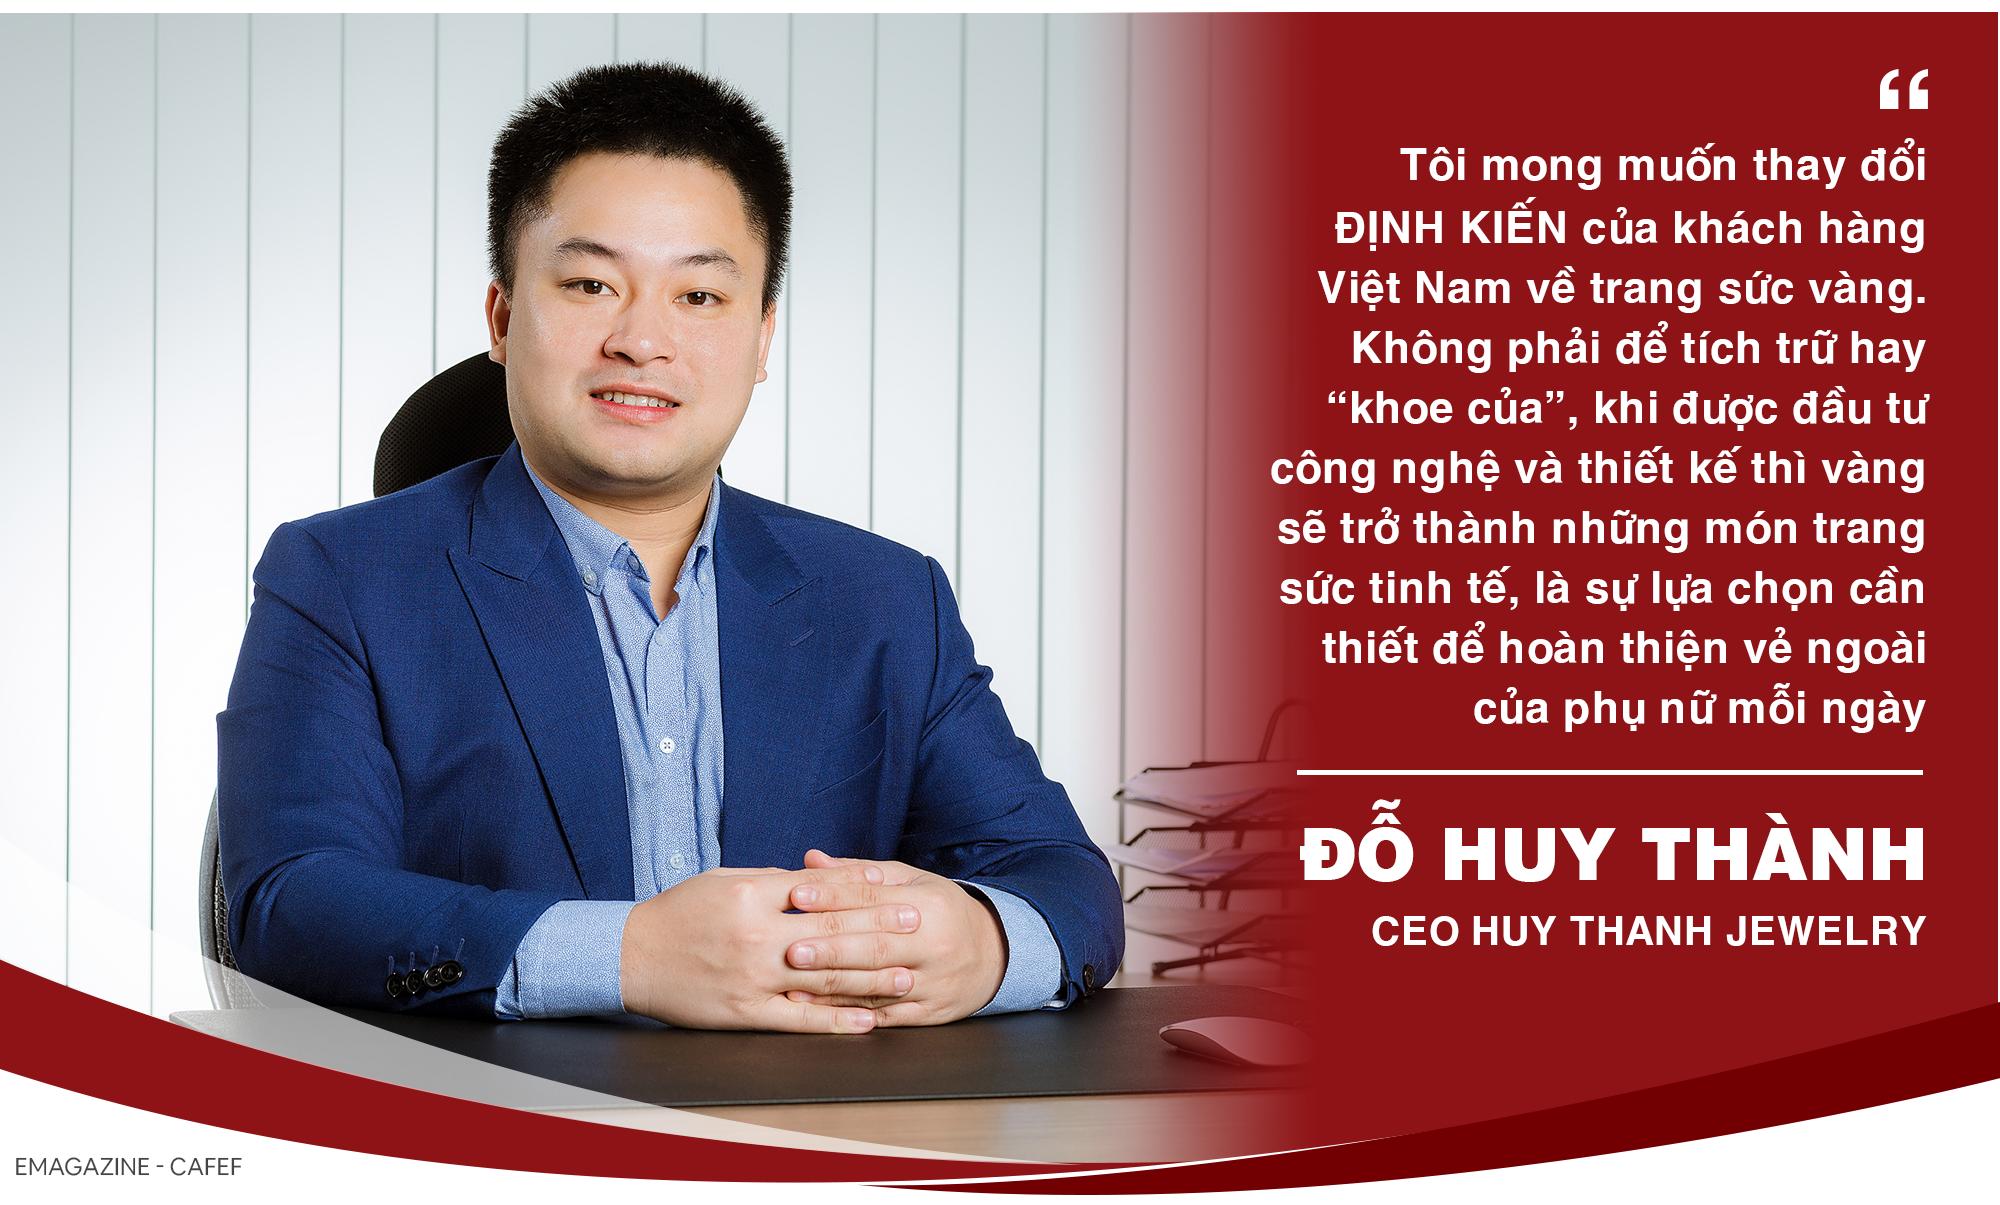 Doanh nhân 9X Đỗ Huy Thành: Vượt qua định kiến, thay đổi mô hình kinh doanh đã tạo nên thành công cho Huy Thanh Jewelry - Ảnh 6.